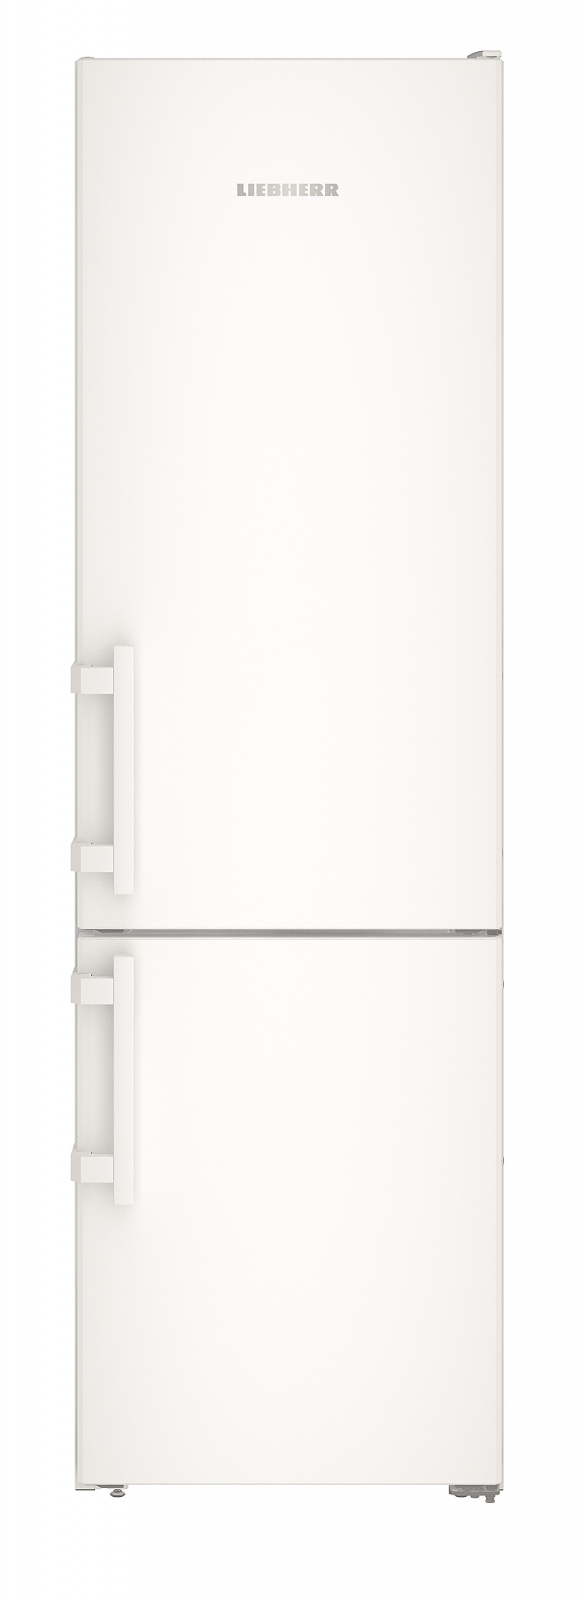 купить Двухкамерный холодильник Liebherr C 3825 Украина фото 1